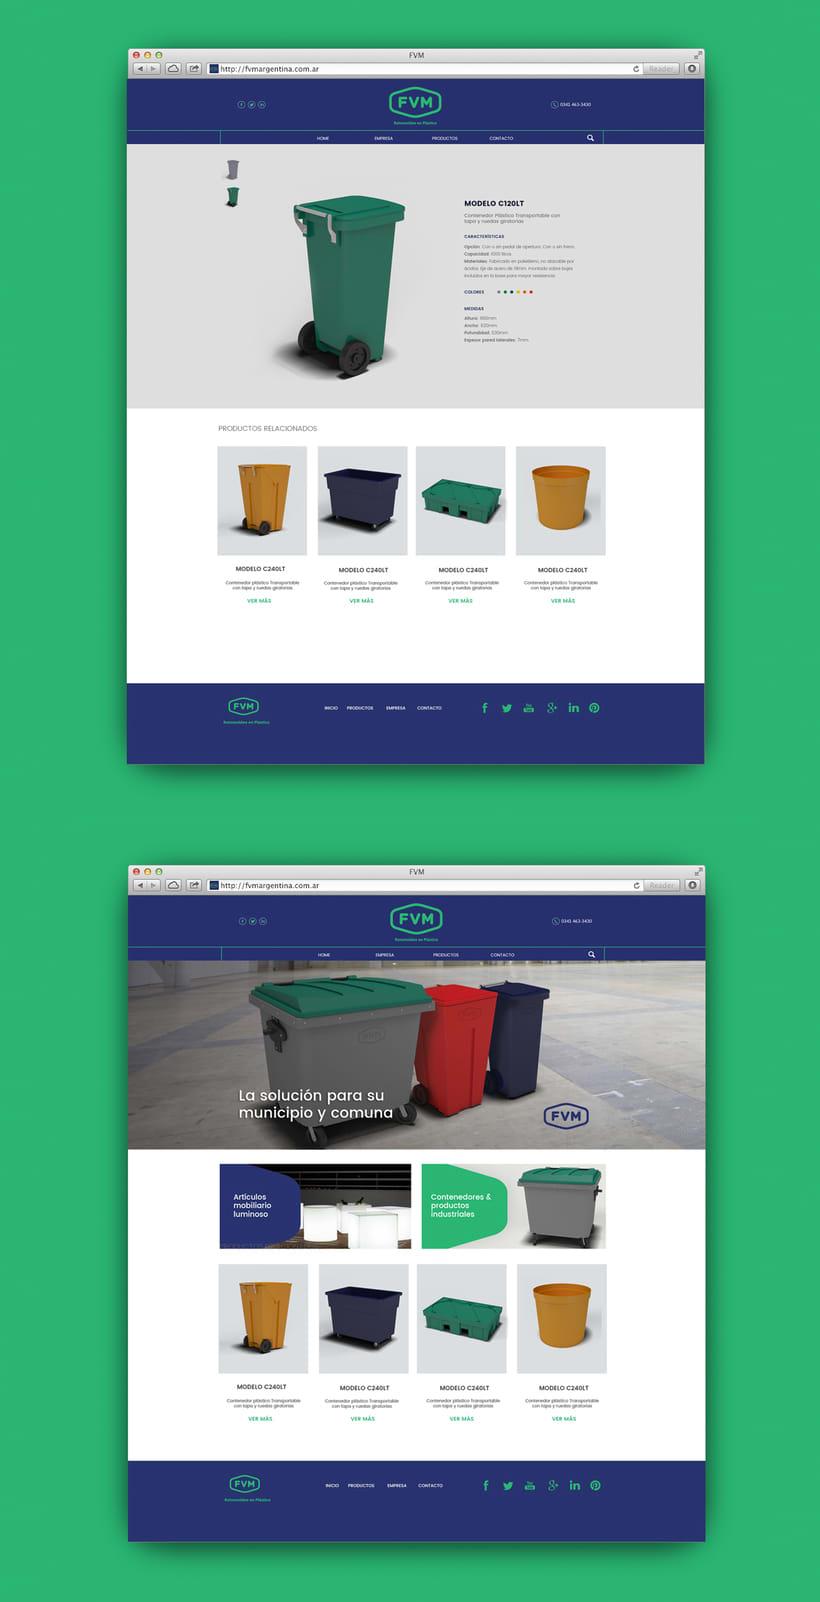 Rediseño de imagen para FVM una empresa dedicada a la fabricación y comercialización de productos plásticos para la industria, el campo, el comercio, municipios, comunas y empresas. 9